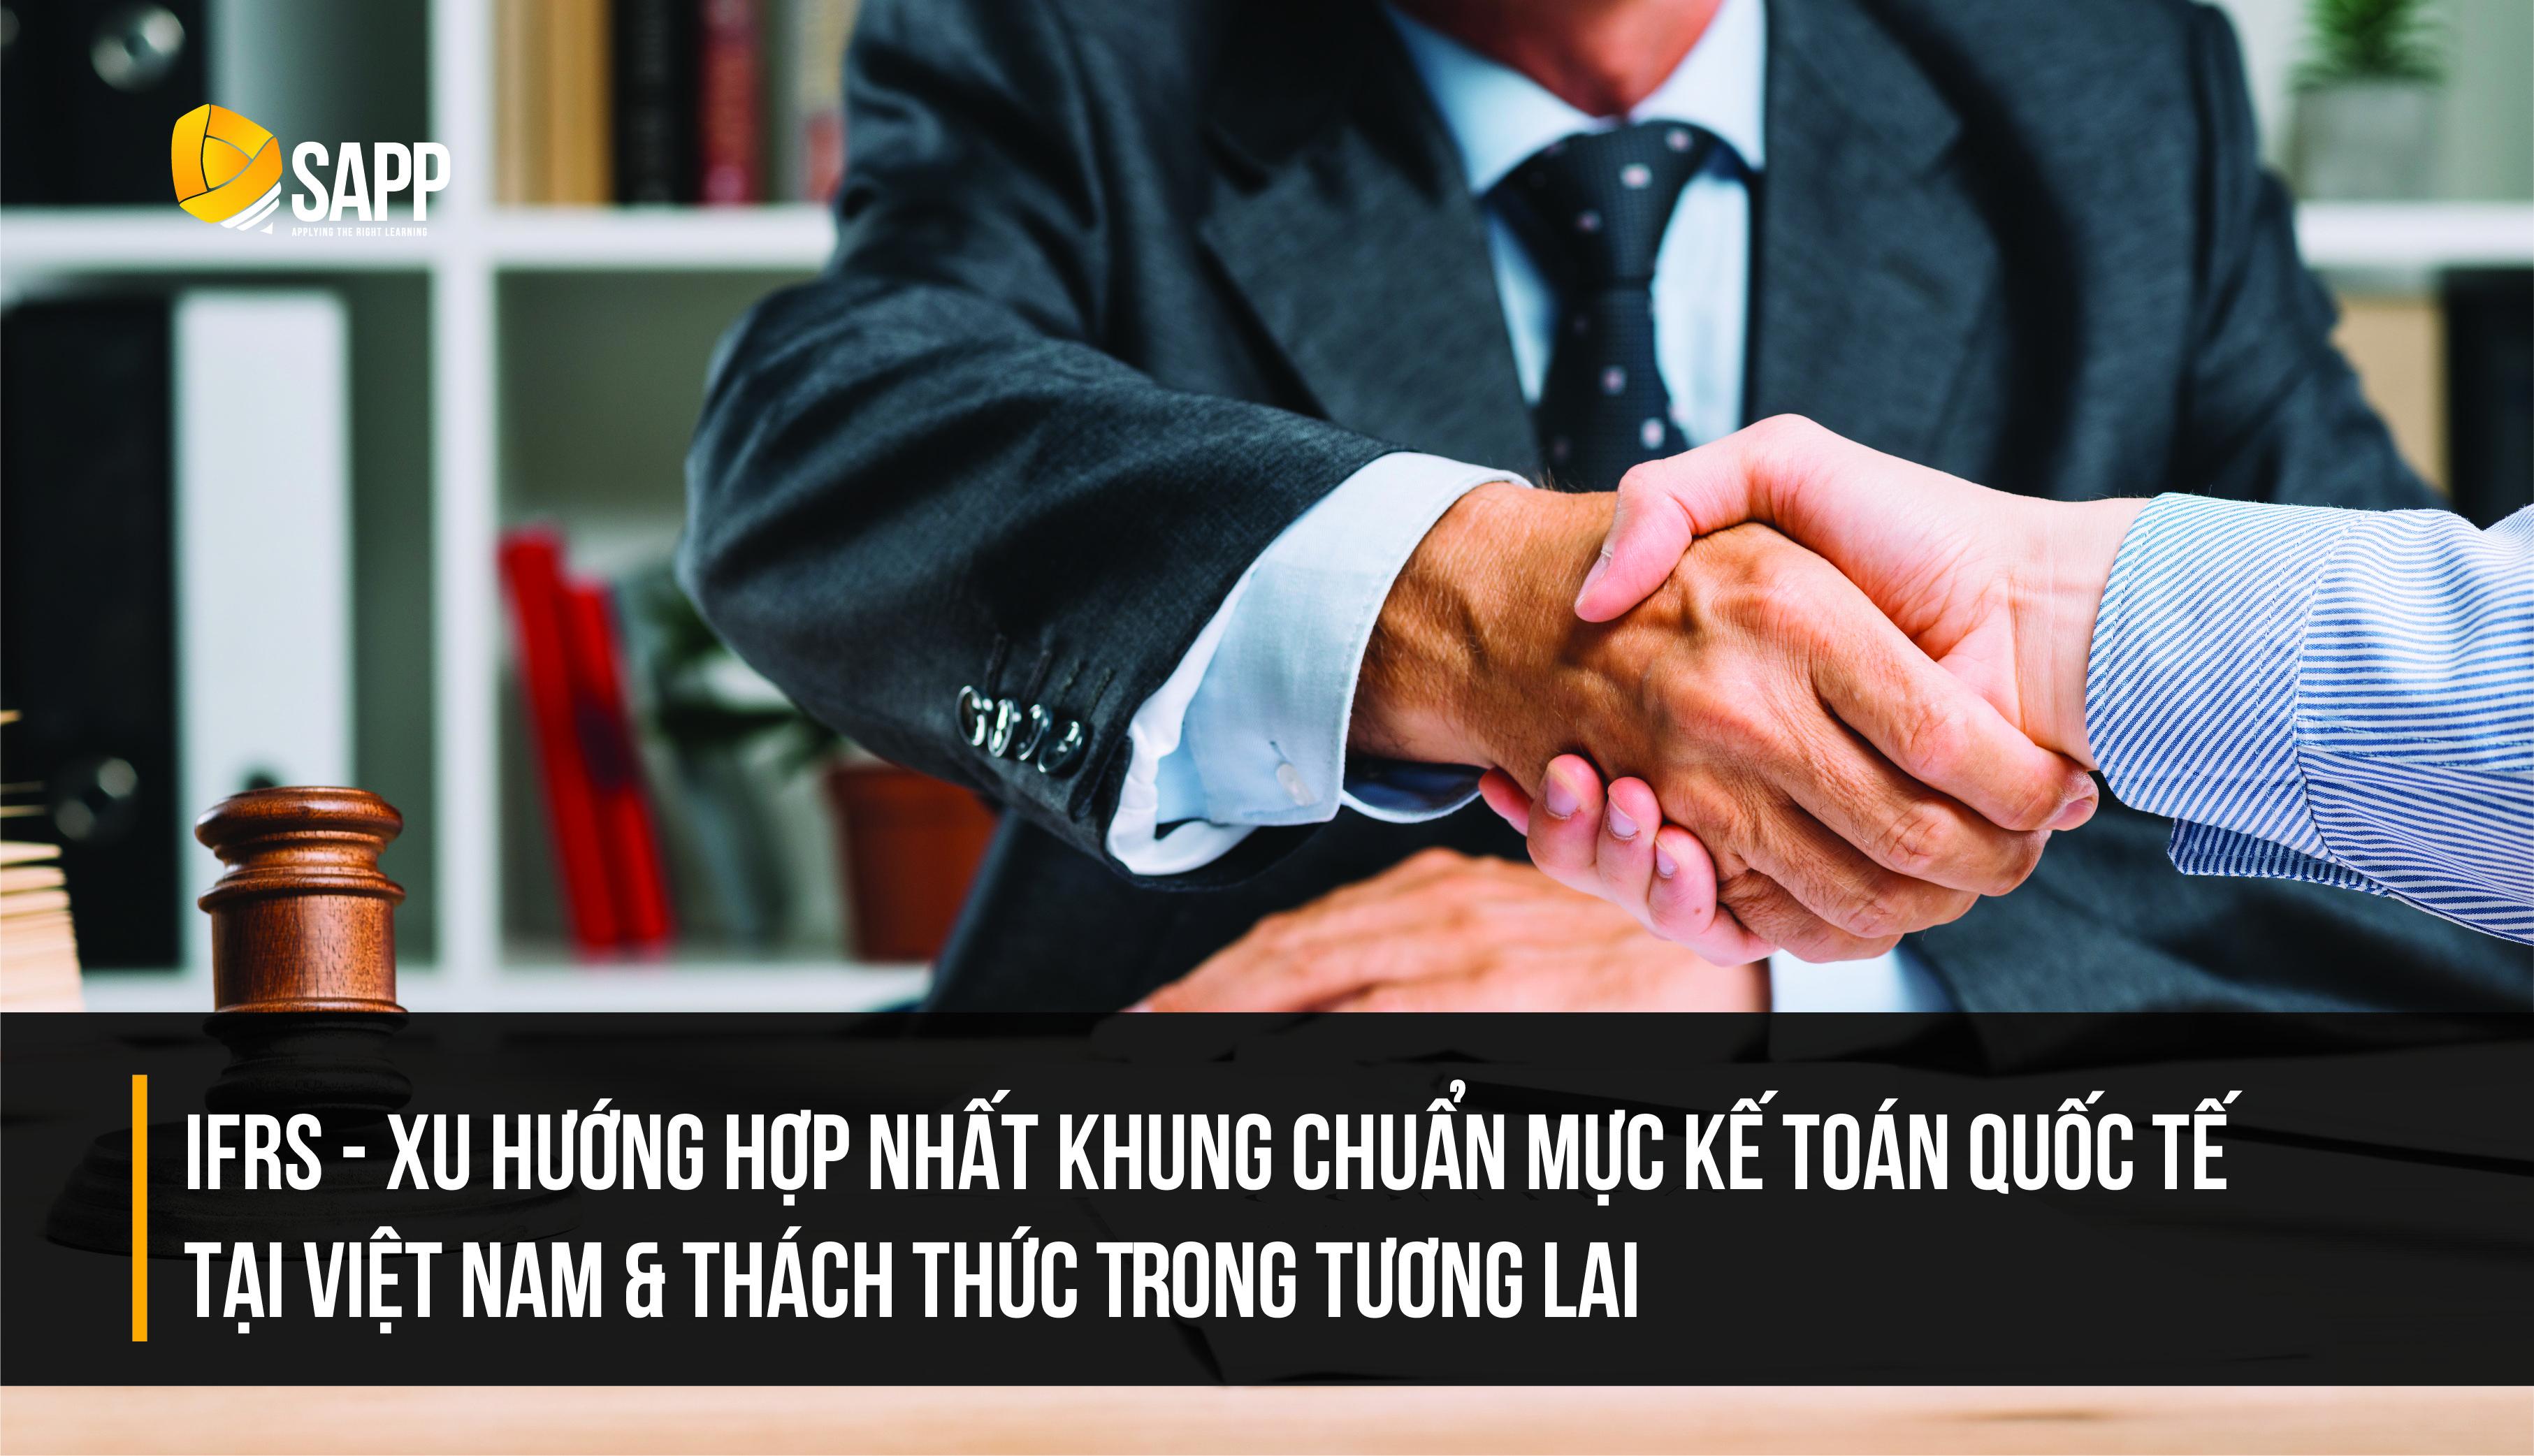 Xu Hướng Hợp Nhất Khung Chuẩn Mực Kế Toán Quốc Tế Tại Việt Nam Và Thách Thức Trong Tương Lai